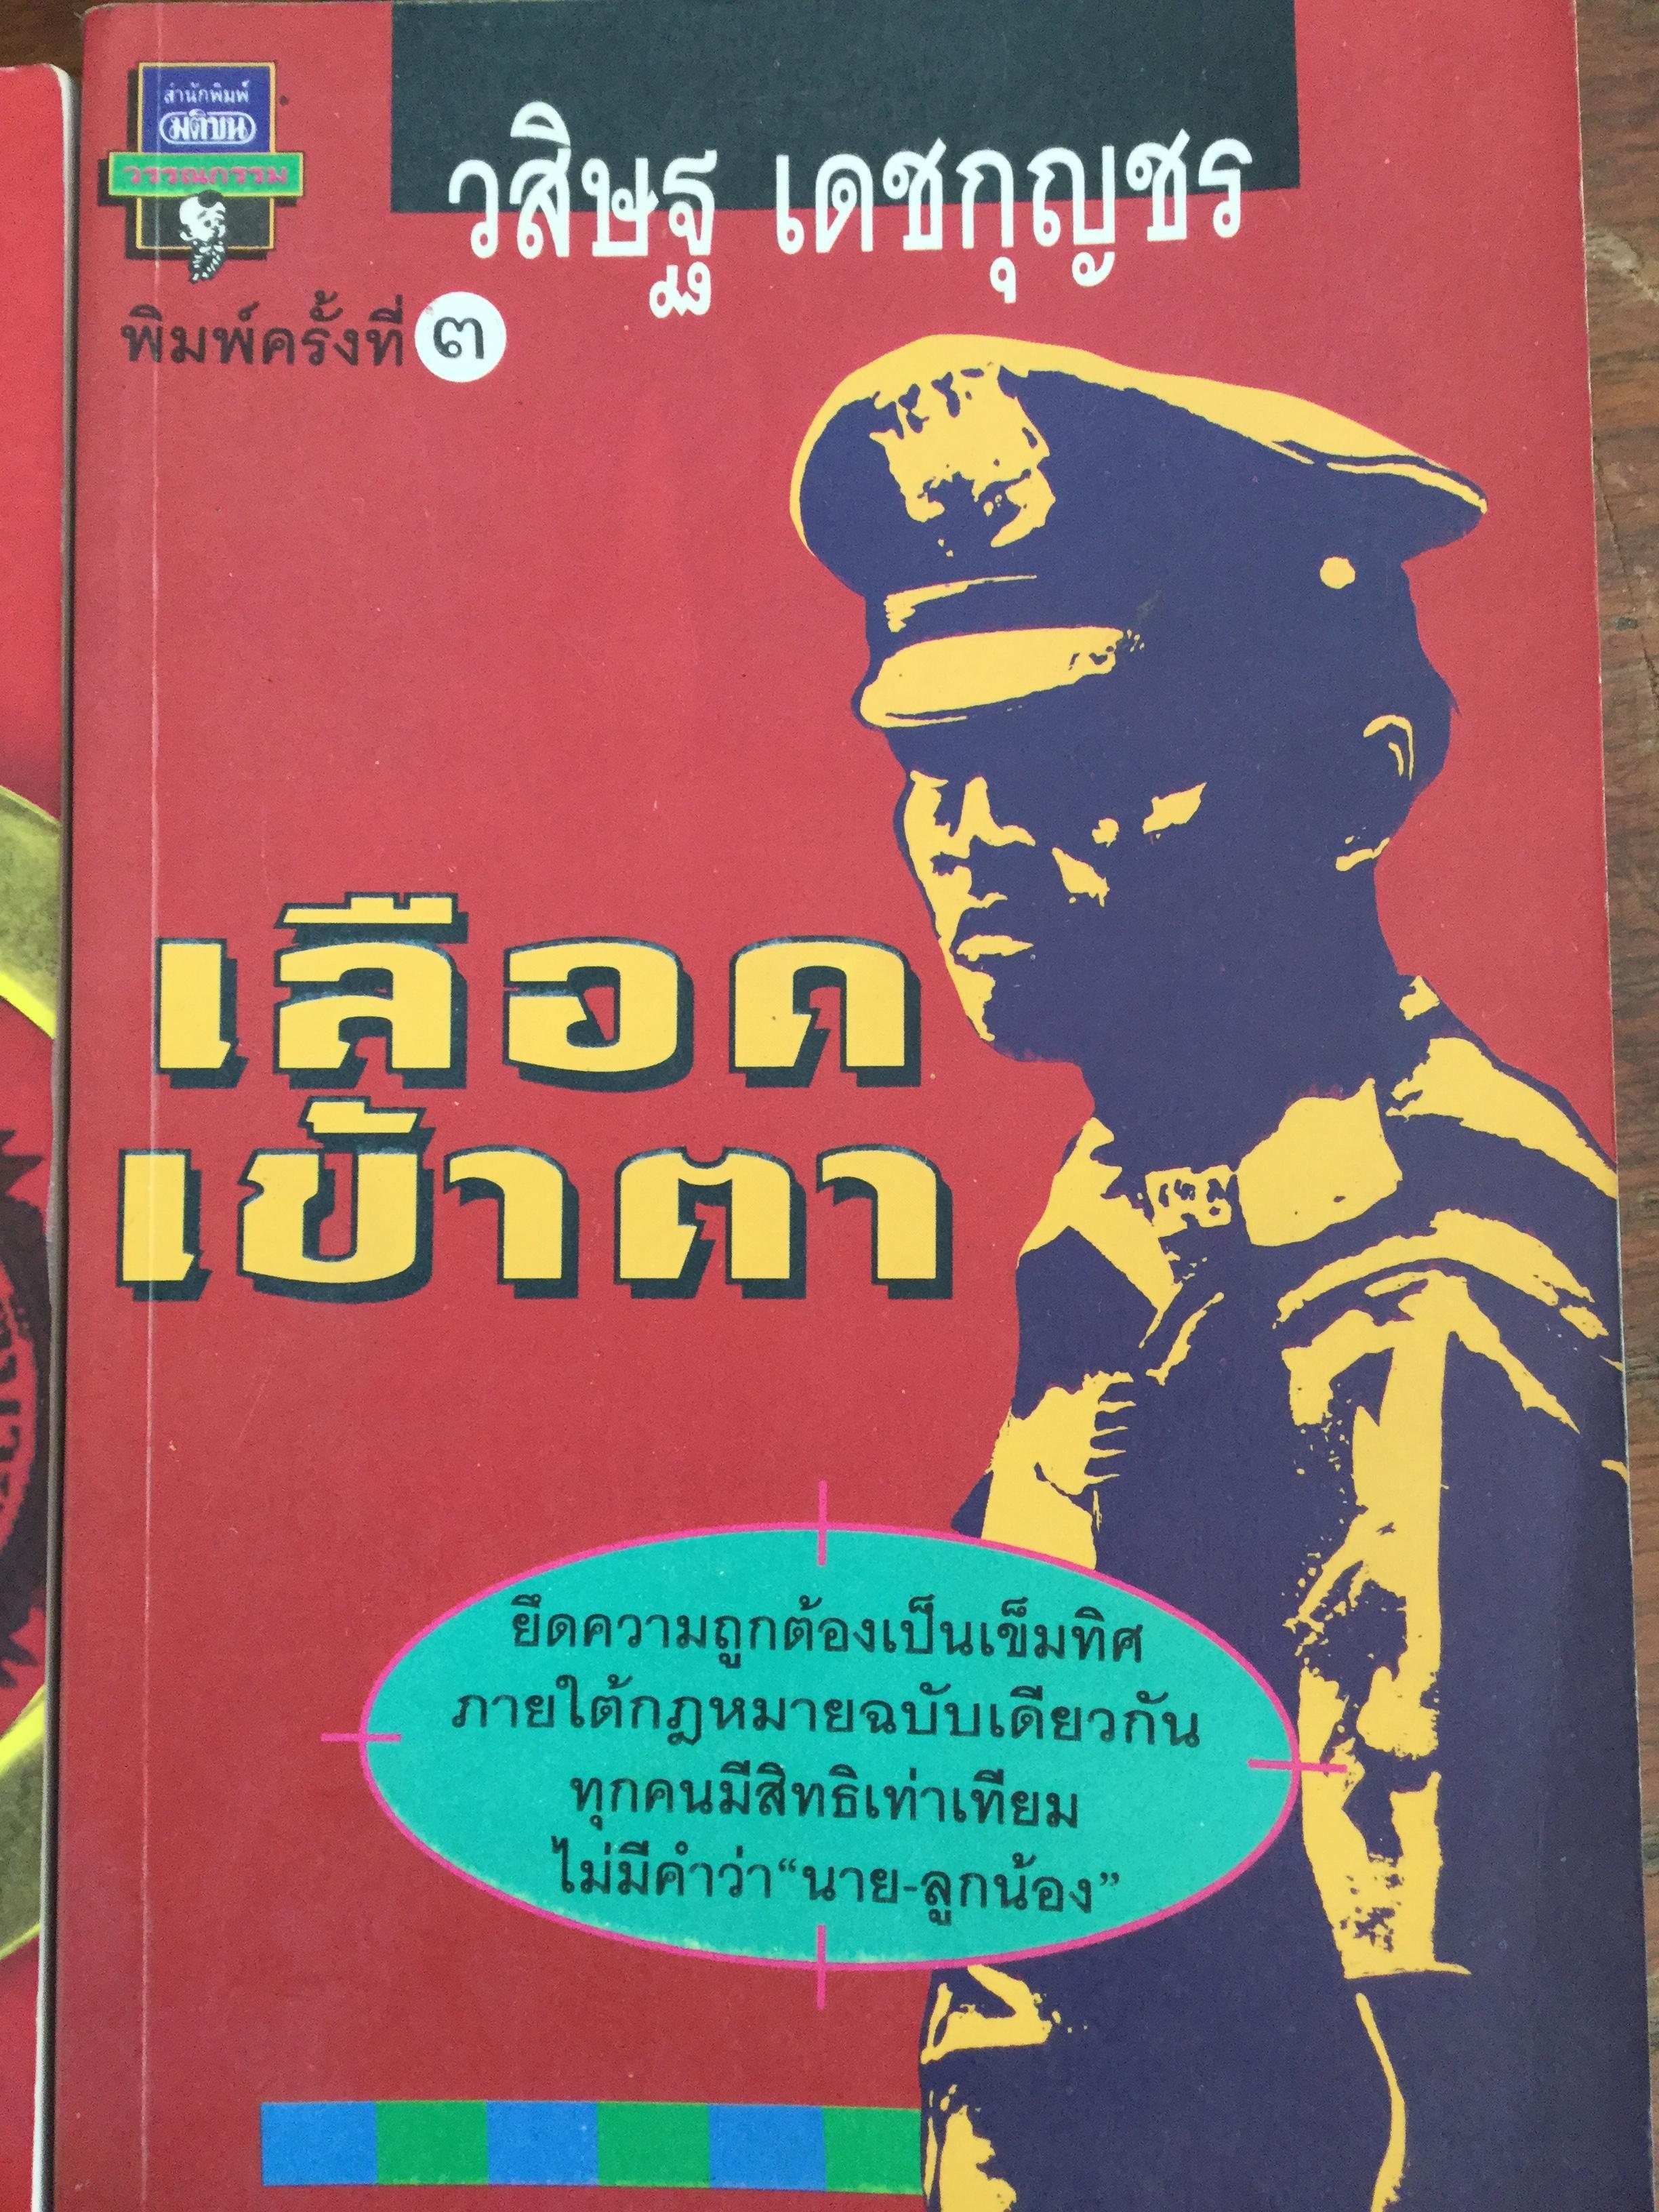 หนังสือของวสิษฐ เดชกุญชร รวม 4 เล่ม 1)สันติบาล 2) เลือดเข้าตา 3)สารวัตรใหญ่ 4) สารวัตรเถื่อน